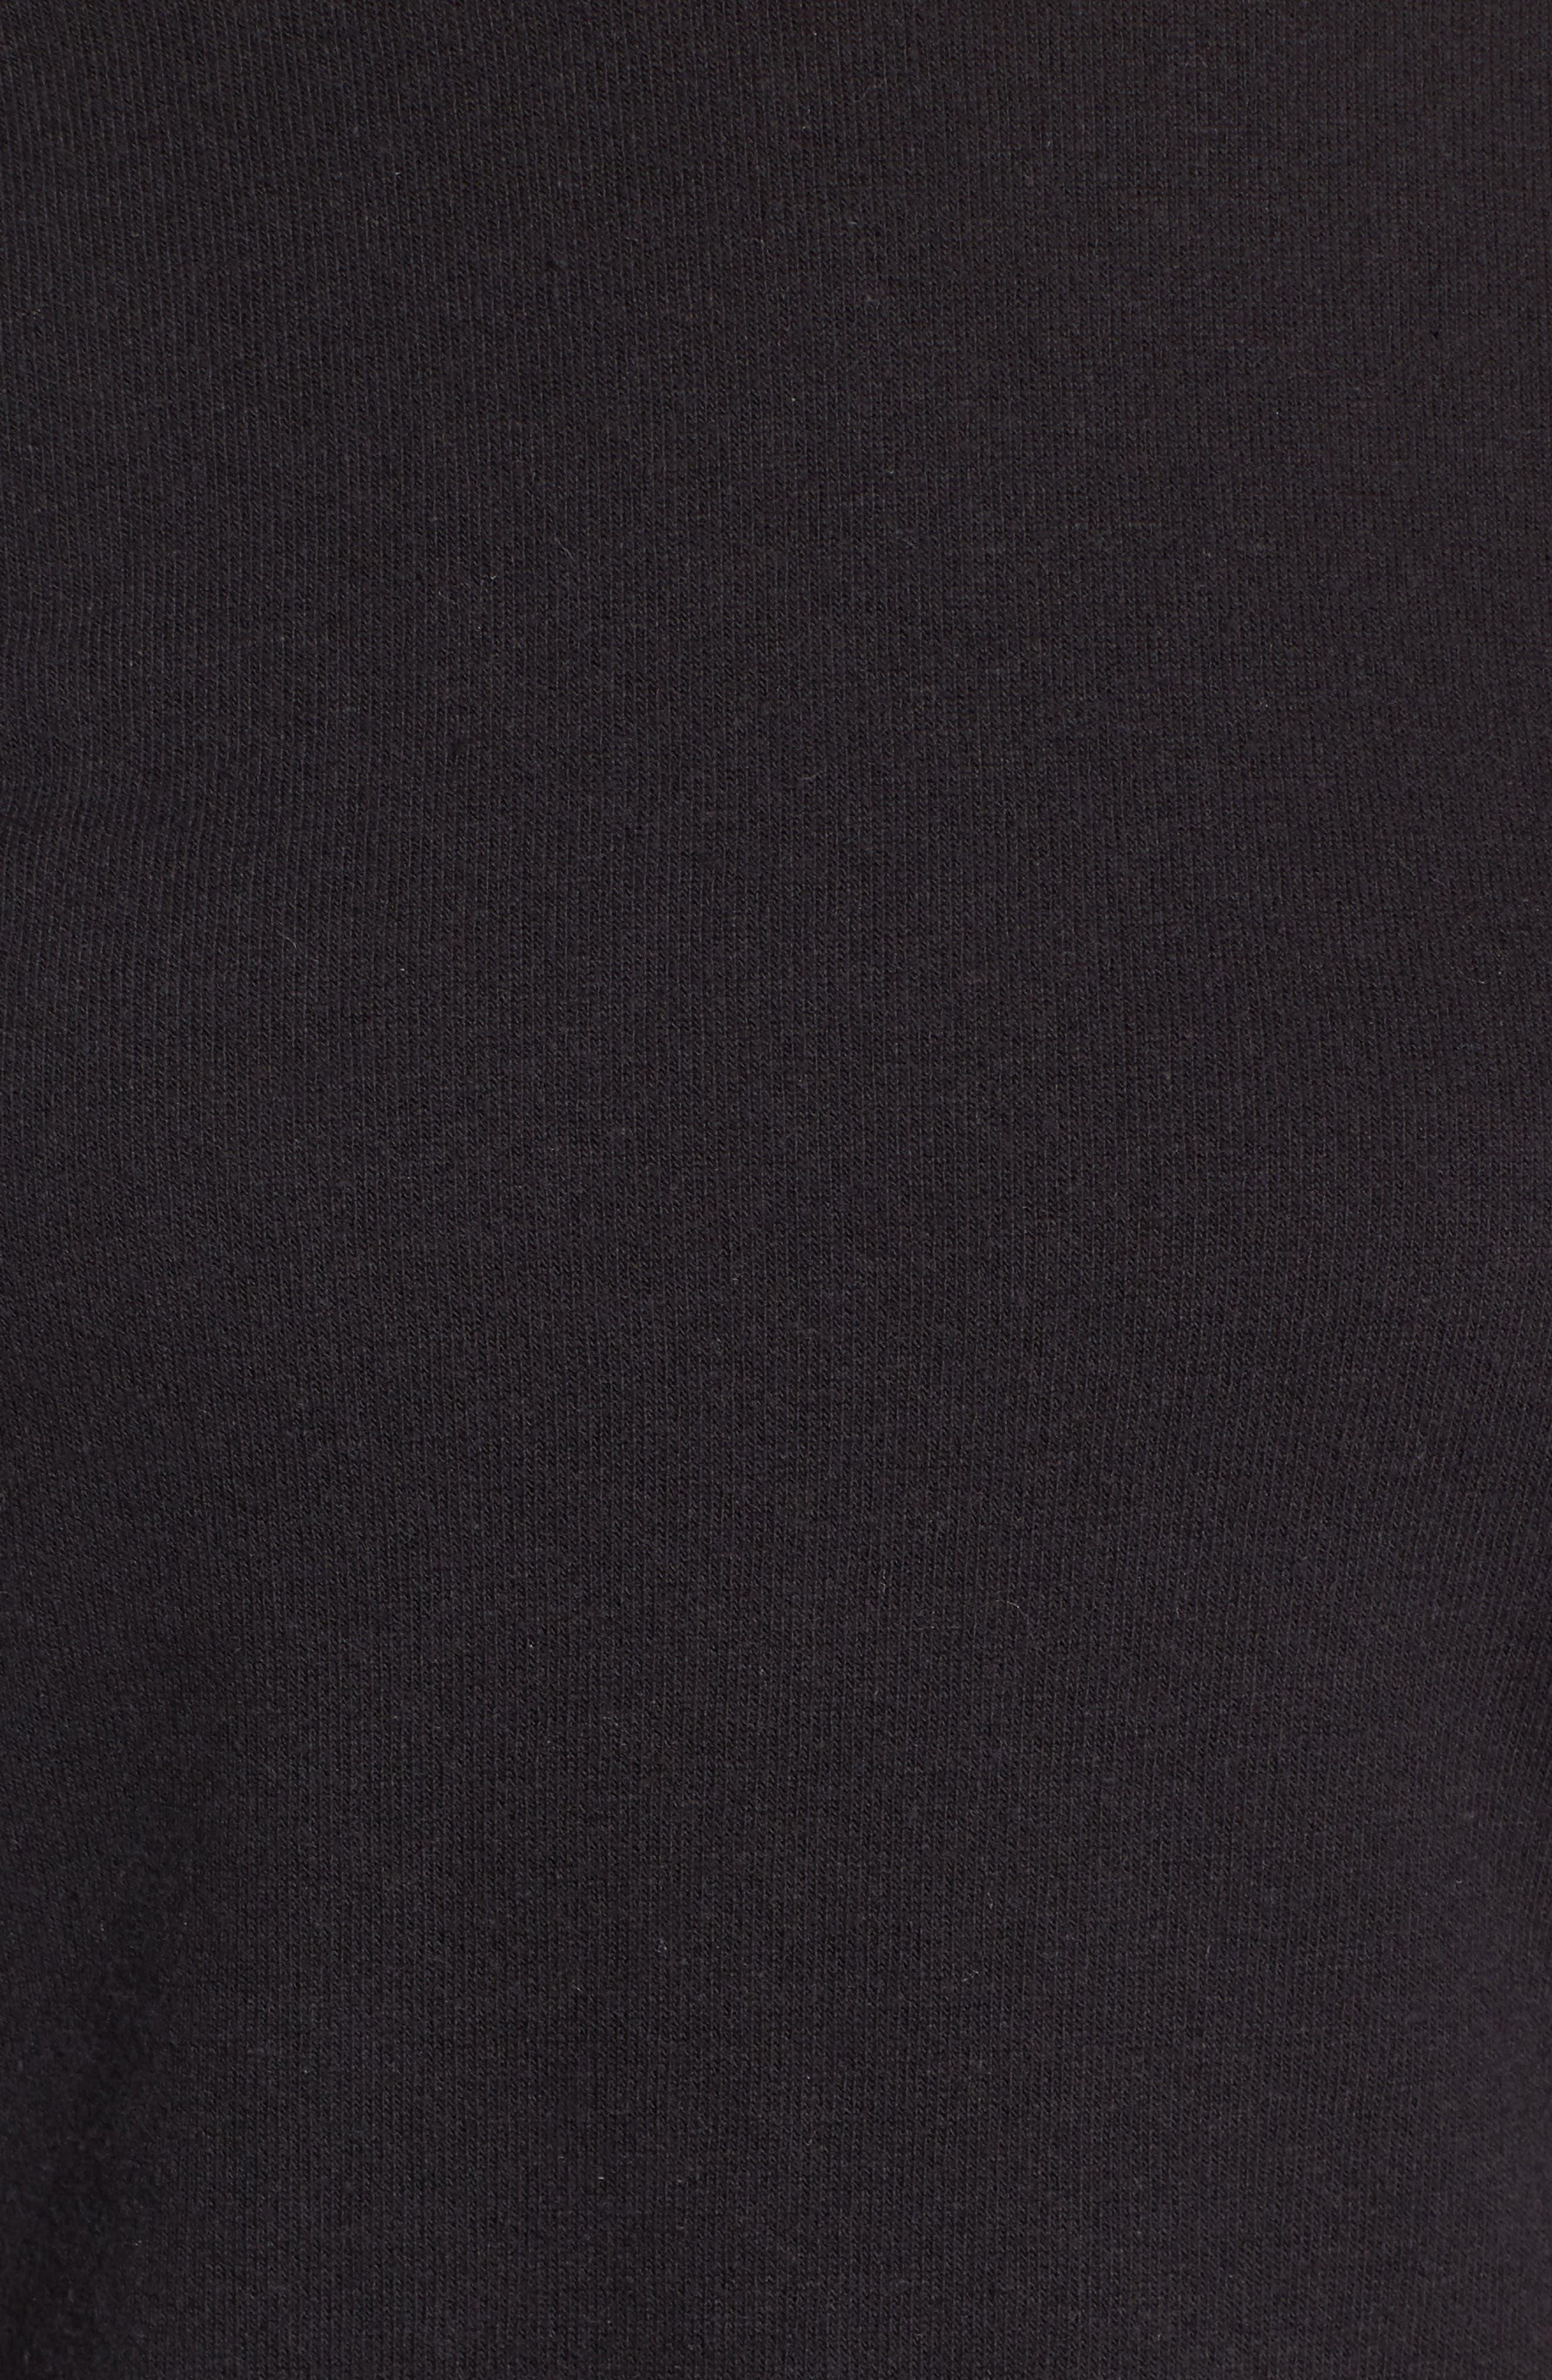 TREASURE & BOND,                             Wide Sleeve Sweatshirt,                             Alternate thumbnail 5, color,                             001